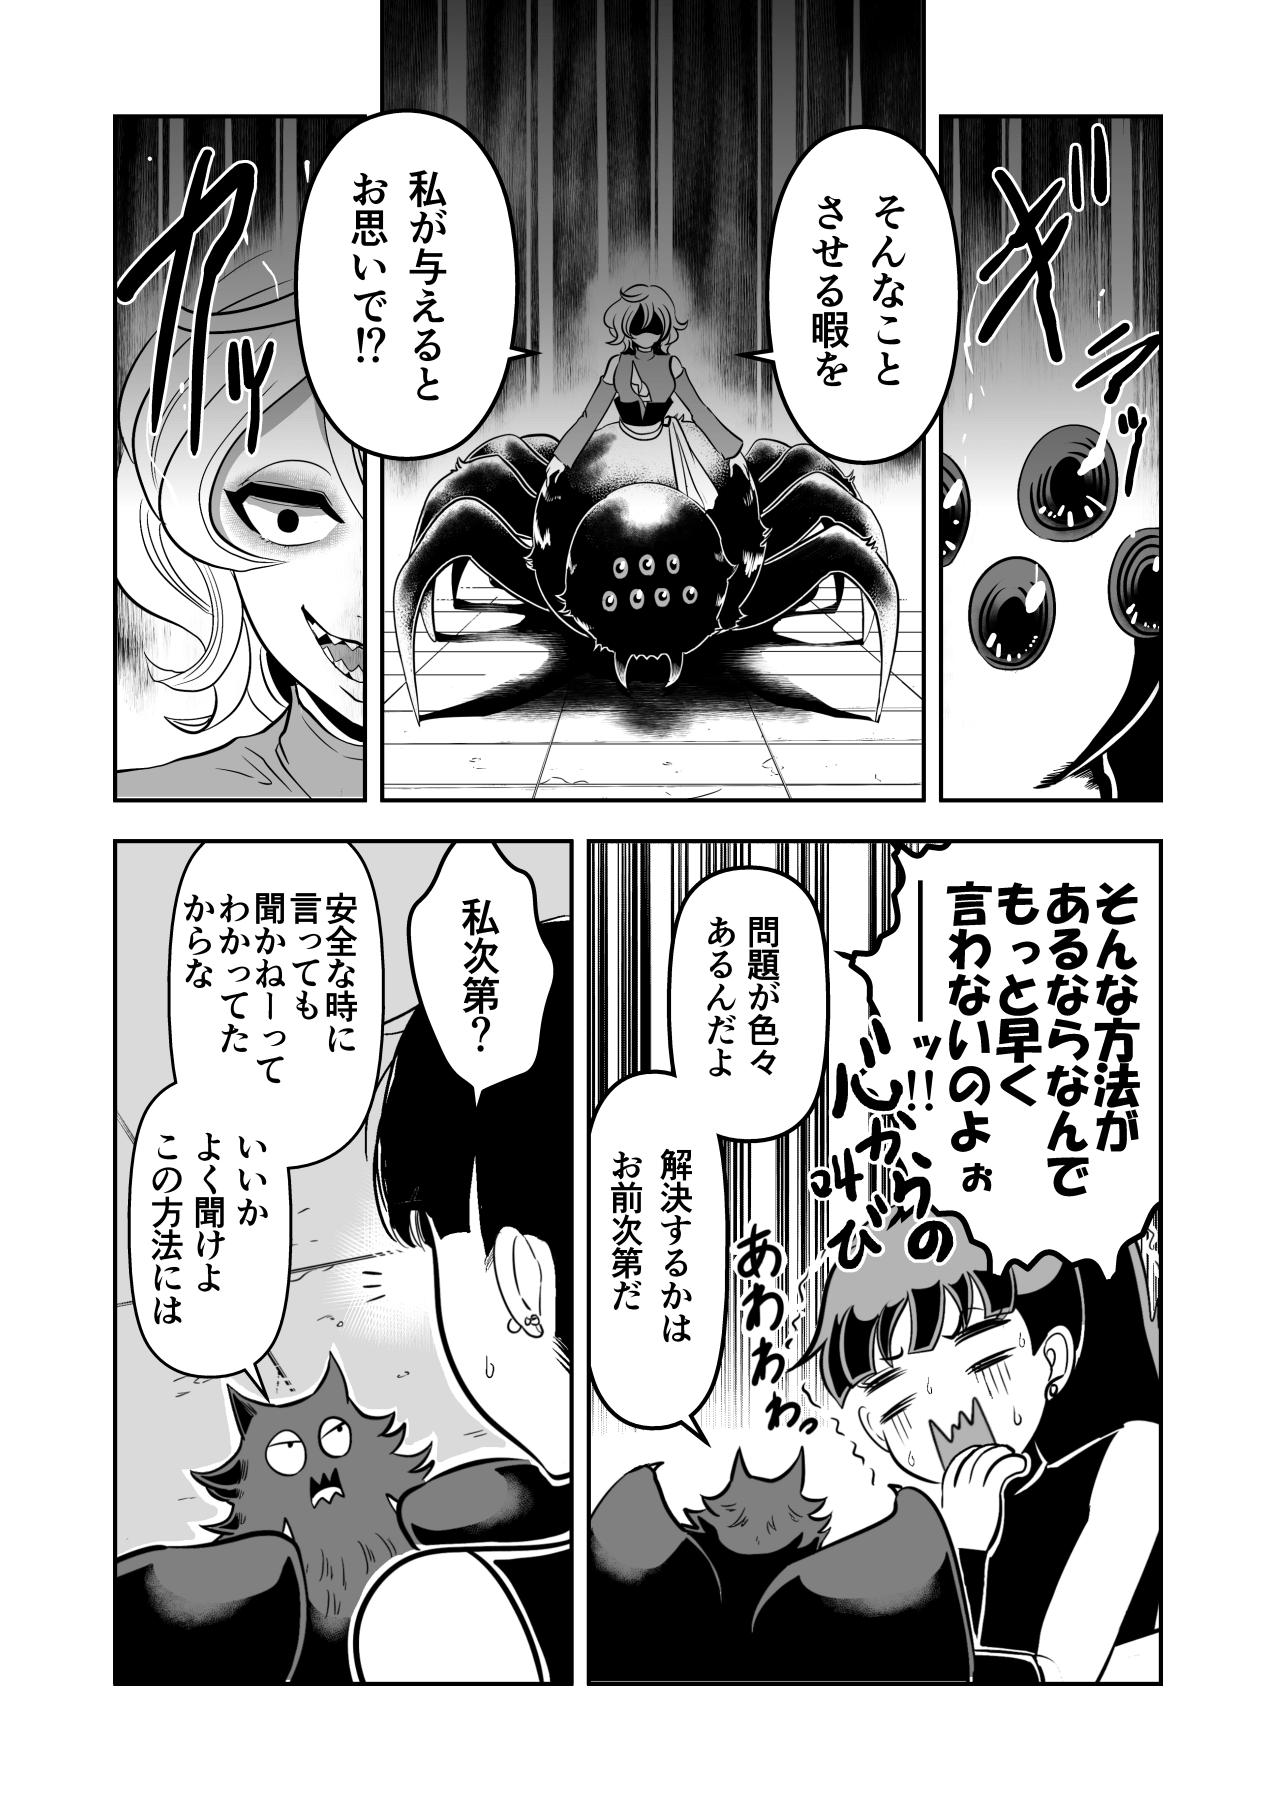 ヤサグレ魔女と第1王子と吸血鬼⑬ (17)-min